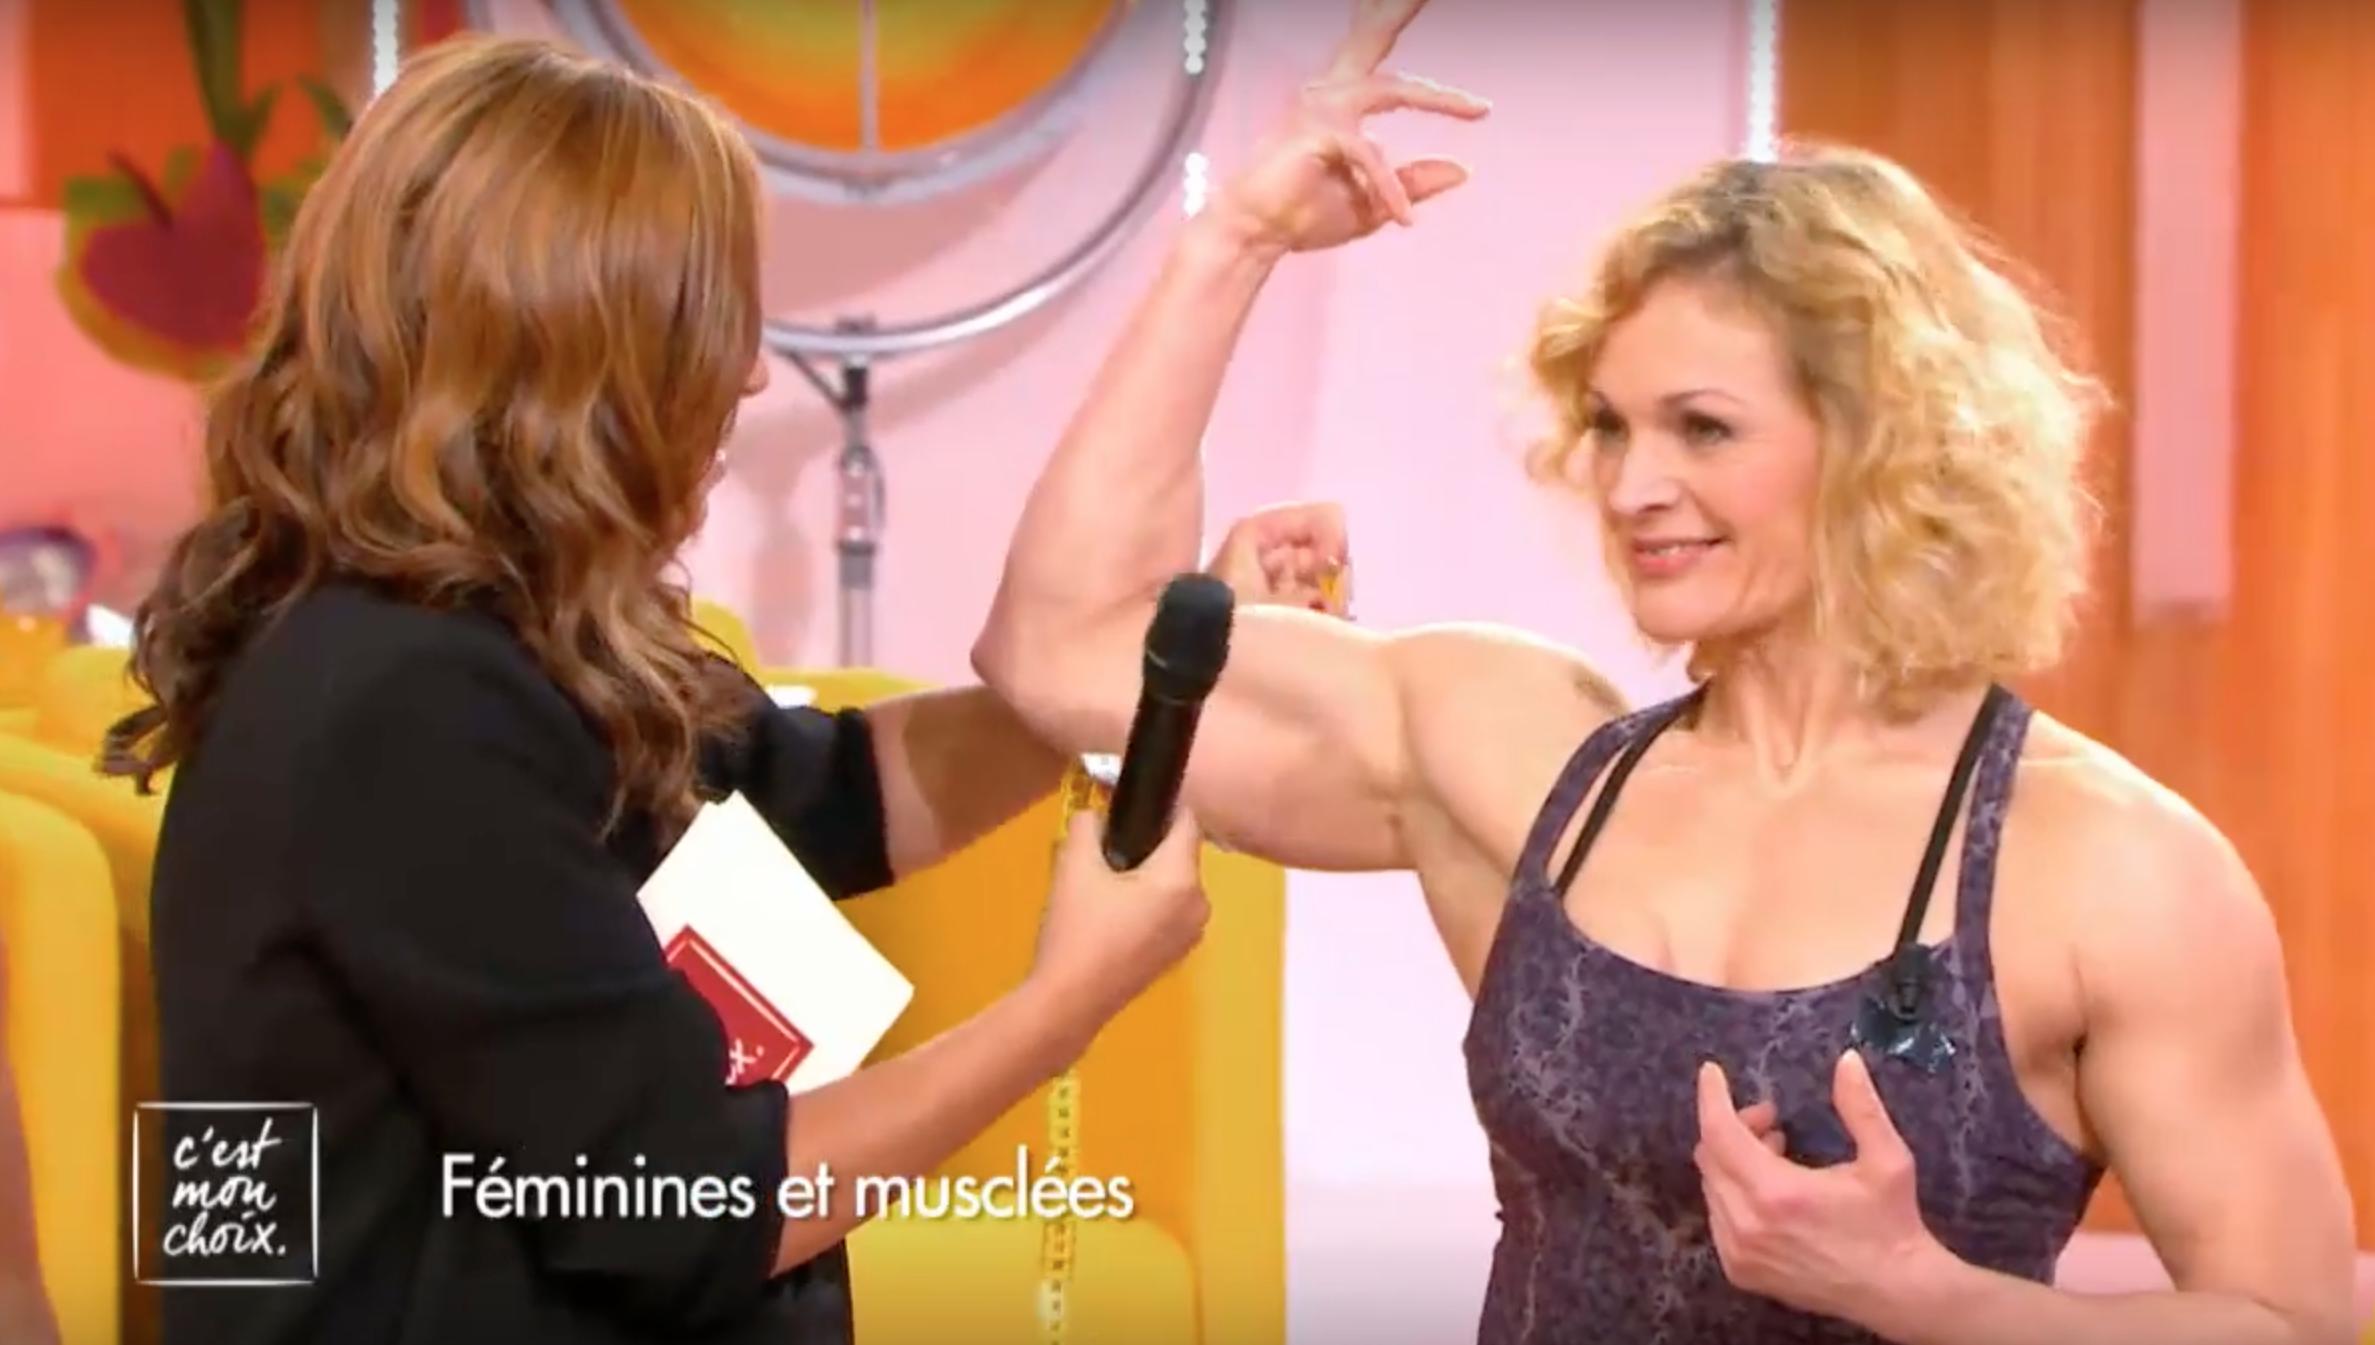 rencontres femme bodybuilder Il suffit de brancher la recherche